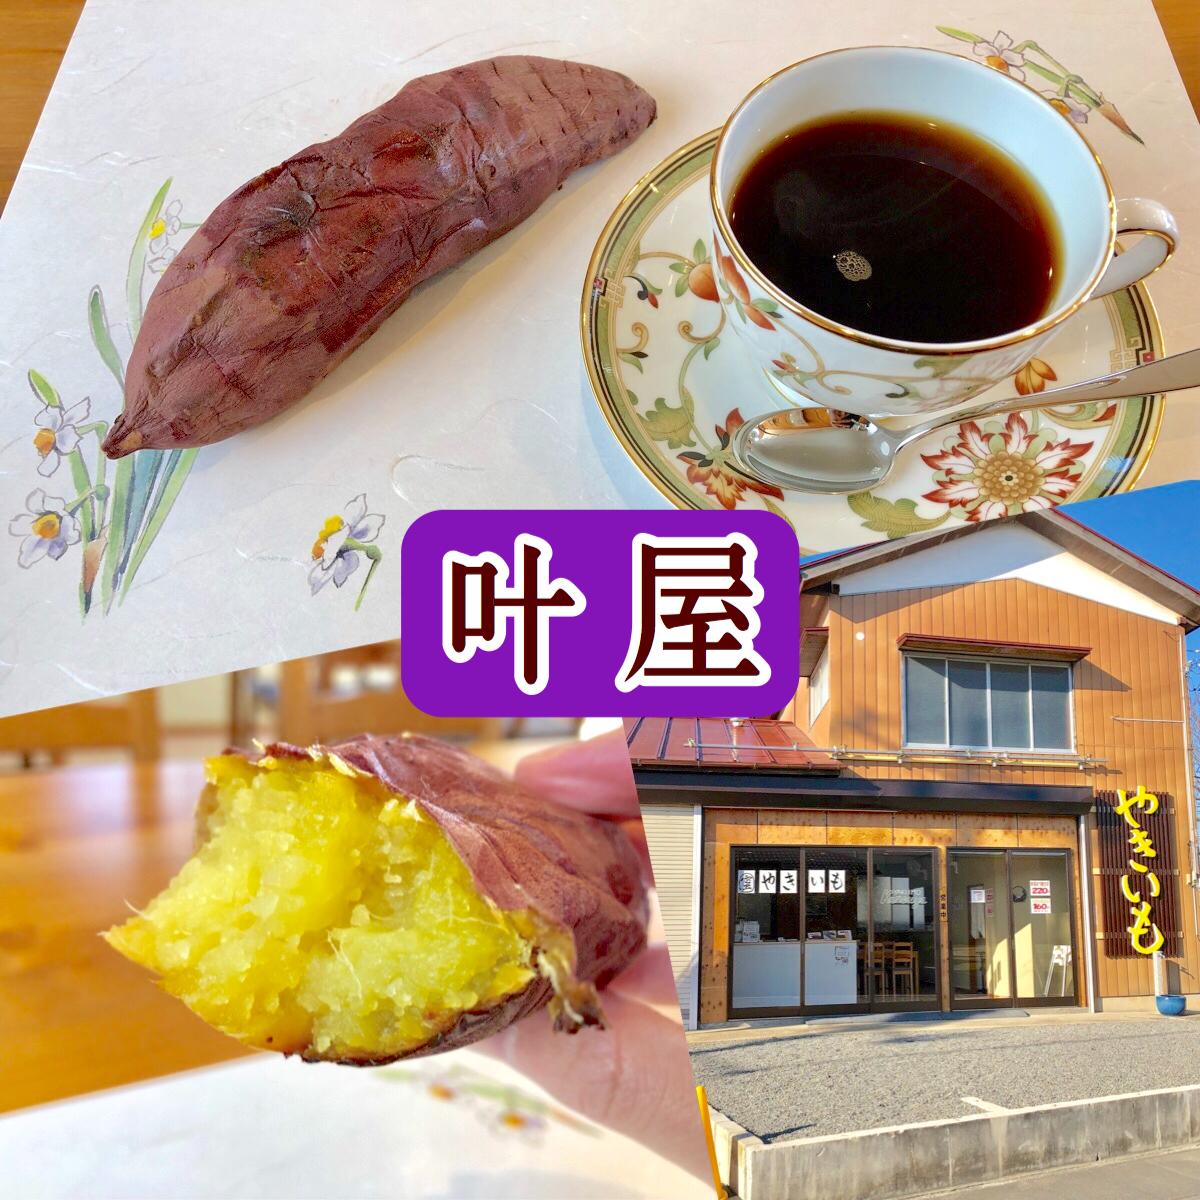 久喜・叶屋|熟成焼き芋が美味しい菖蒲町の芋専門店